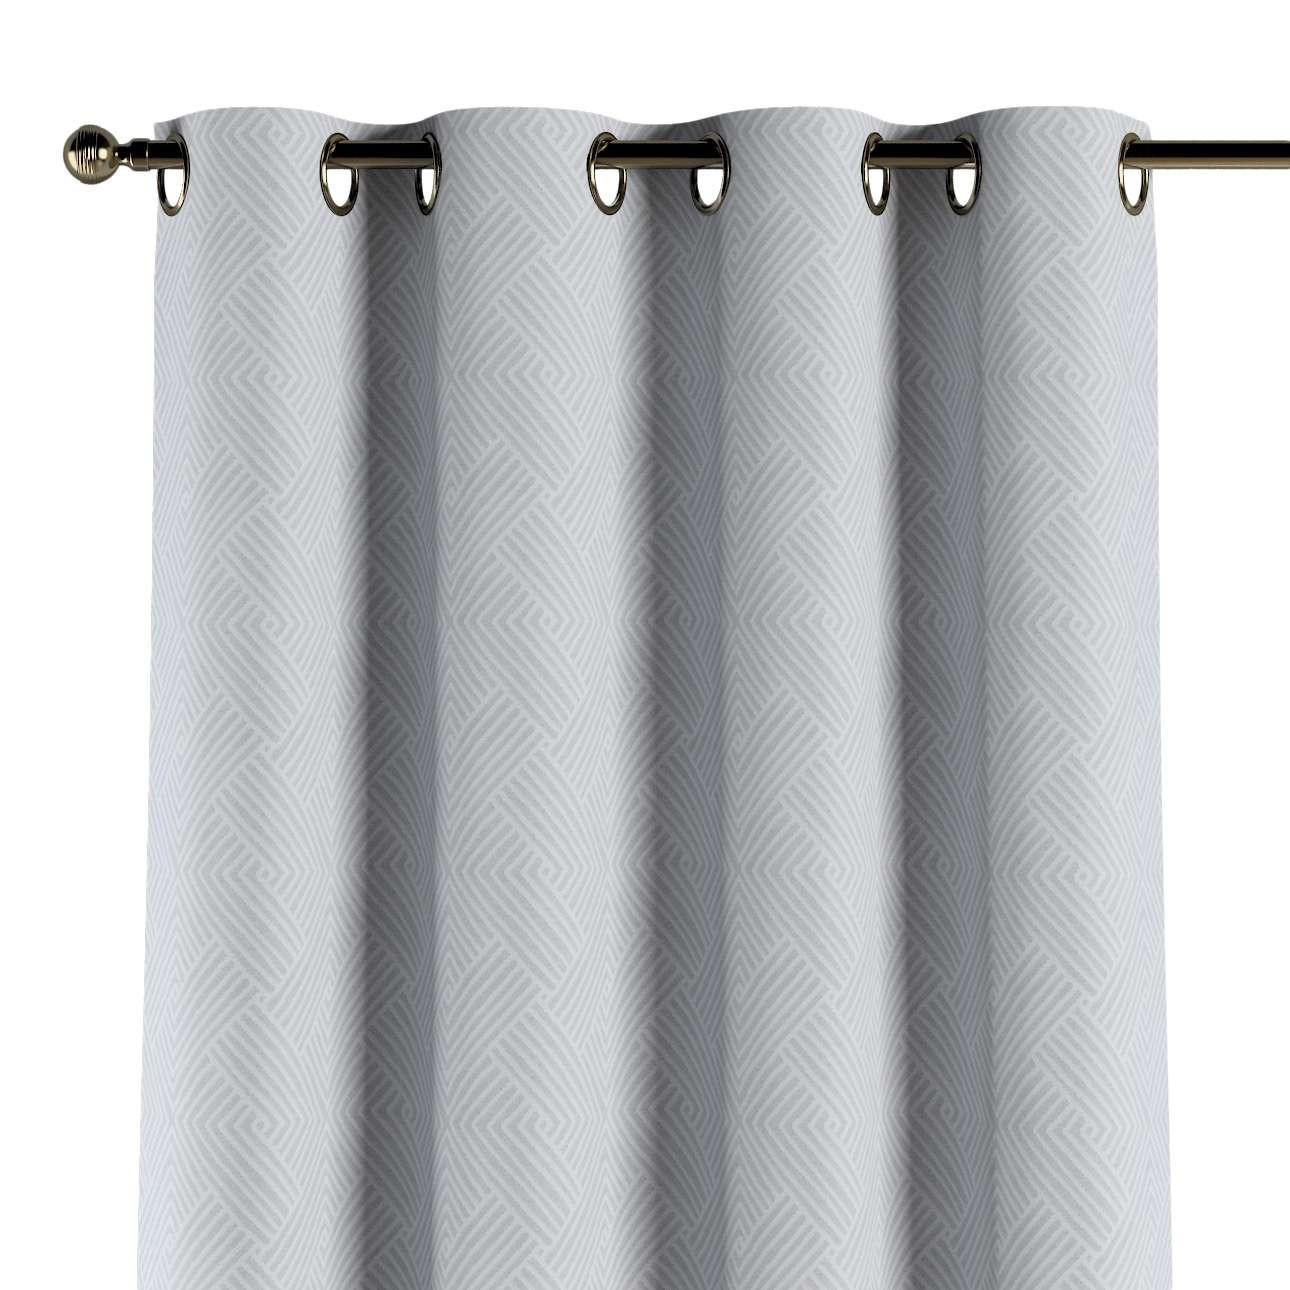 Gardin med öljetter 1 längd i kollektionen Sunny, Tyg: 143-43